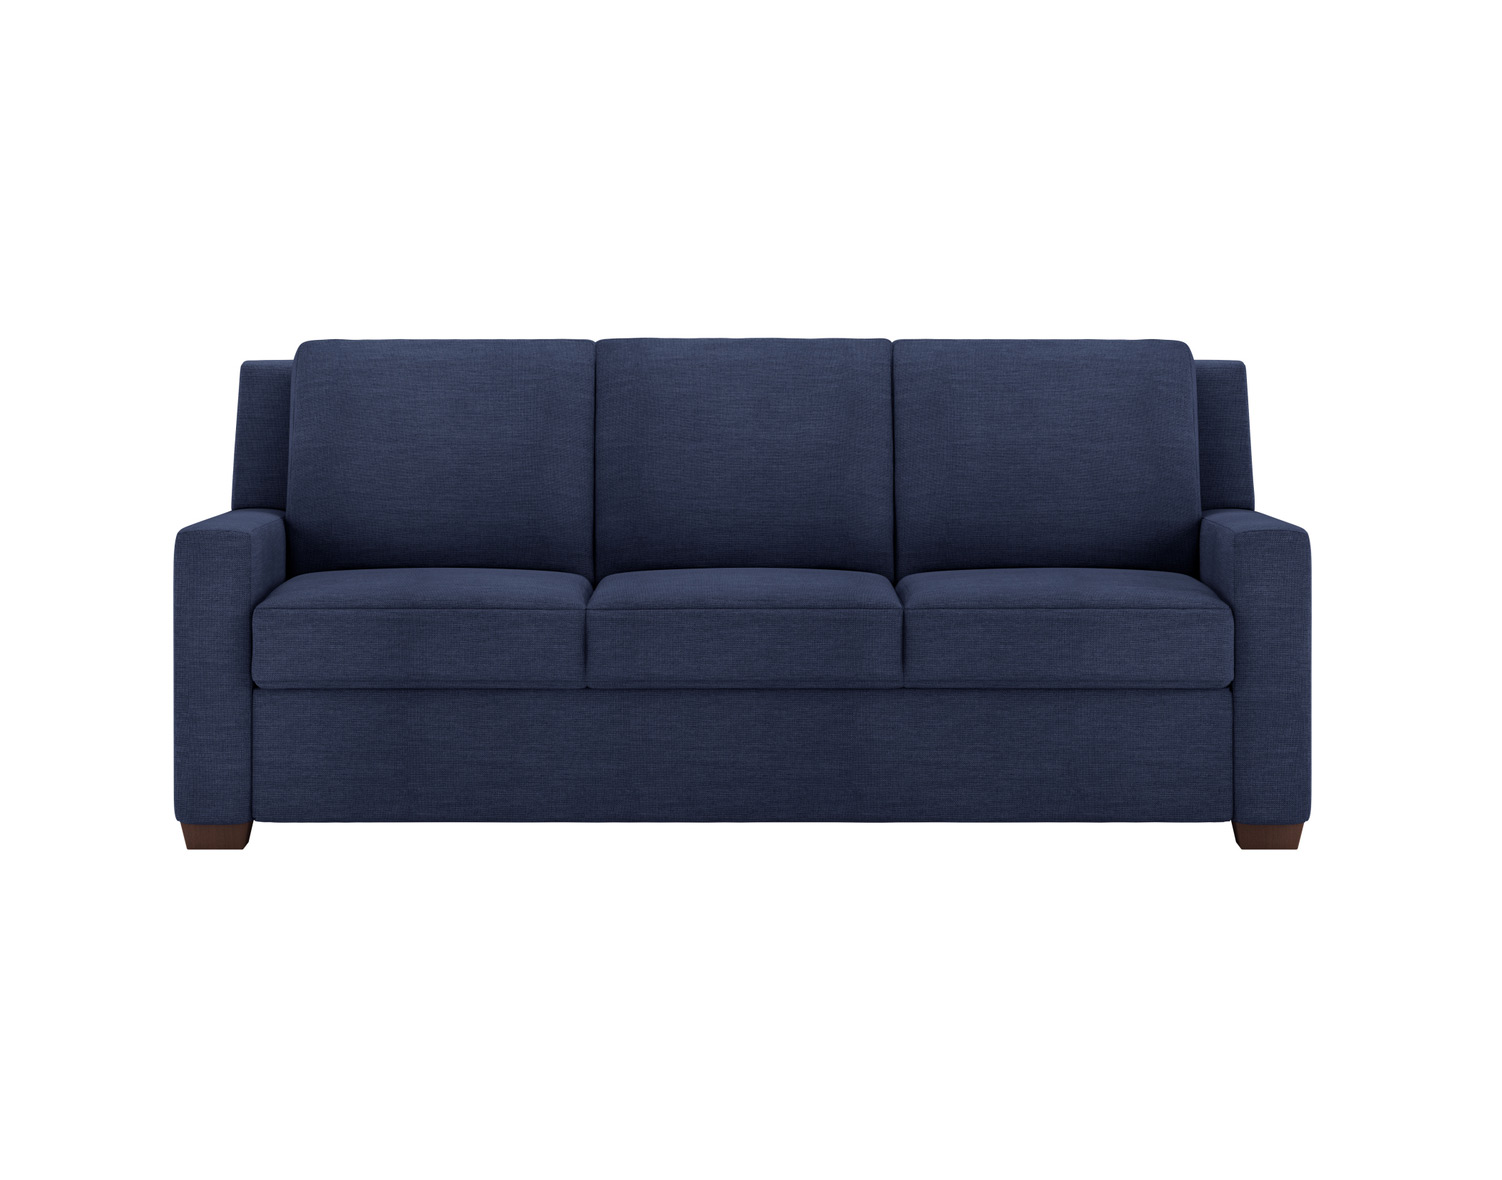 Lyons Sleek Sleeper Sofa Bedrooms Amp More Seattle